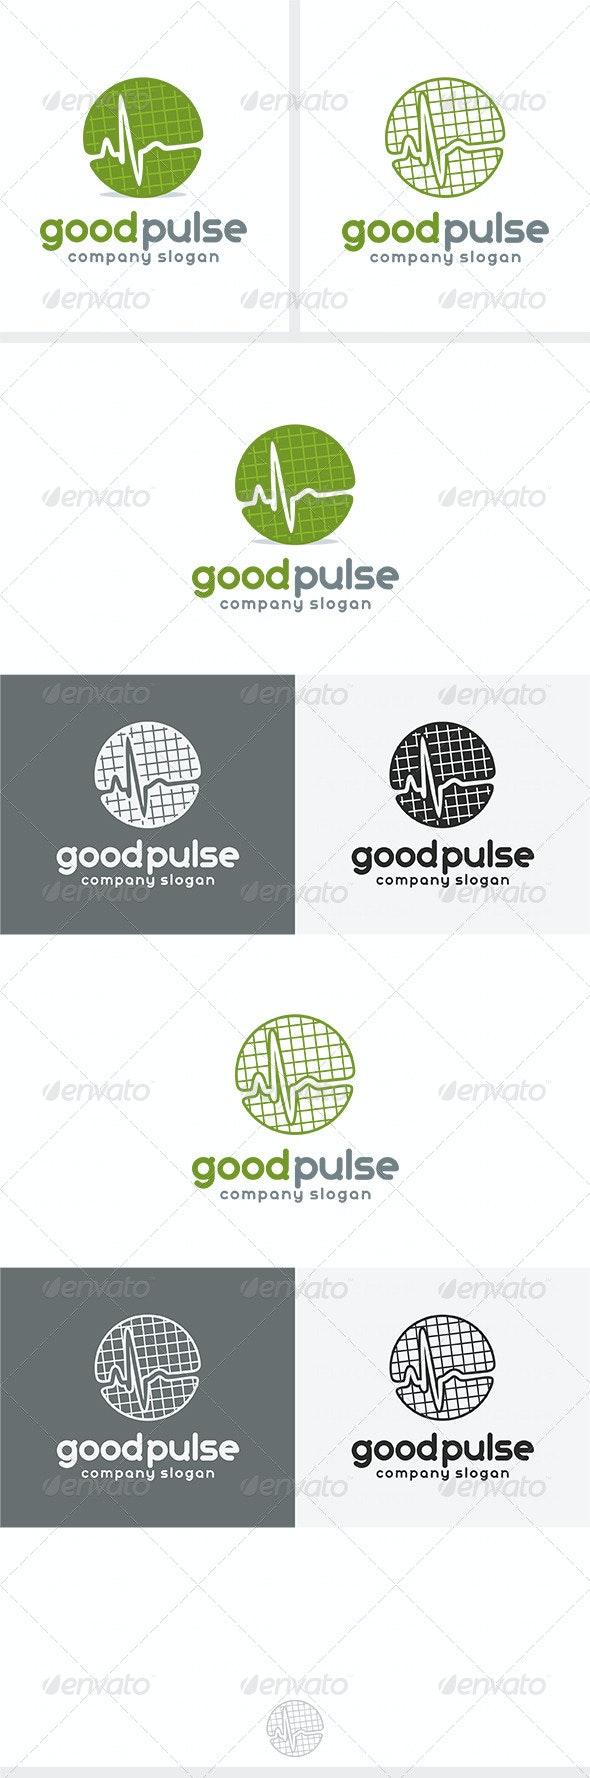 Good Pulse Logo By Kapacyko